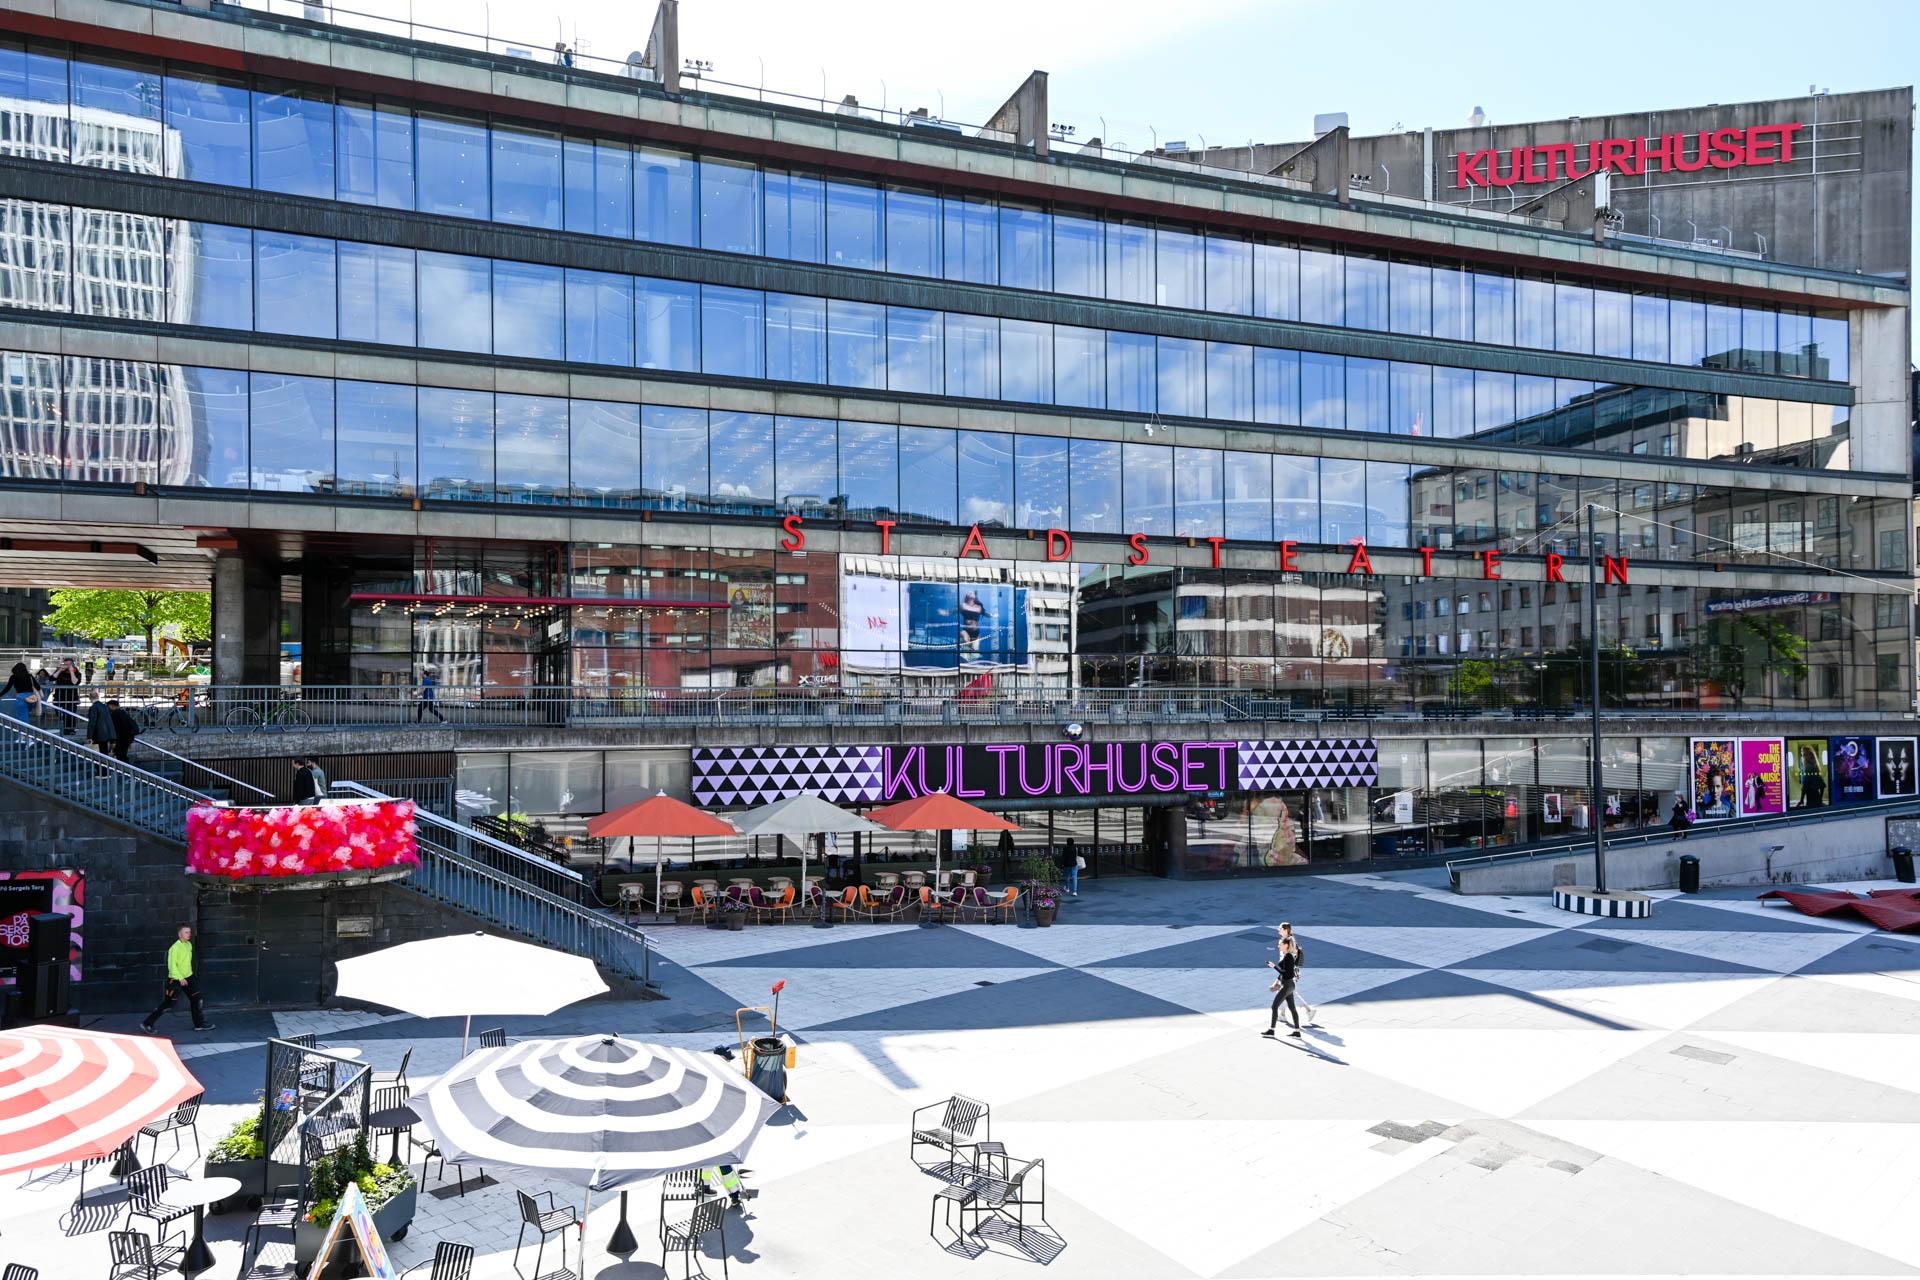 Sergels torg Tukholman keskustassa. Kuva: Soile Vauhkonen